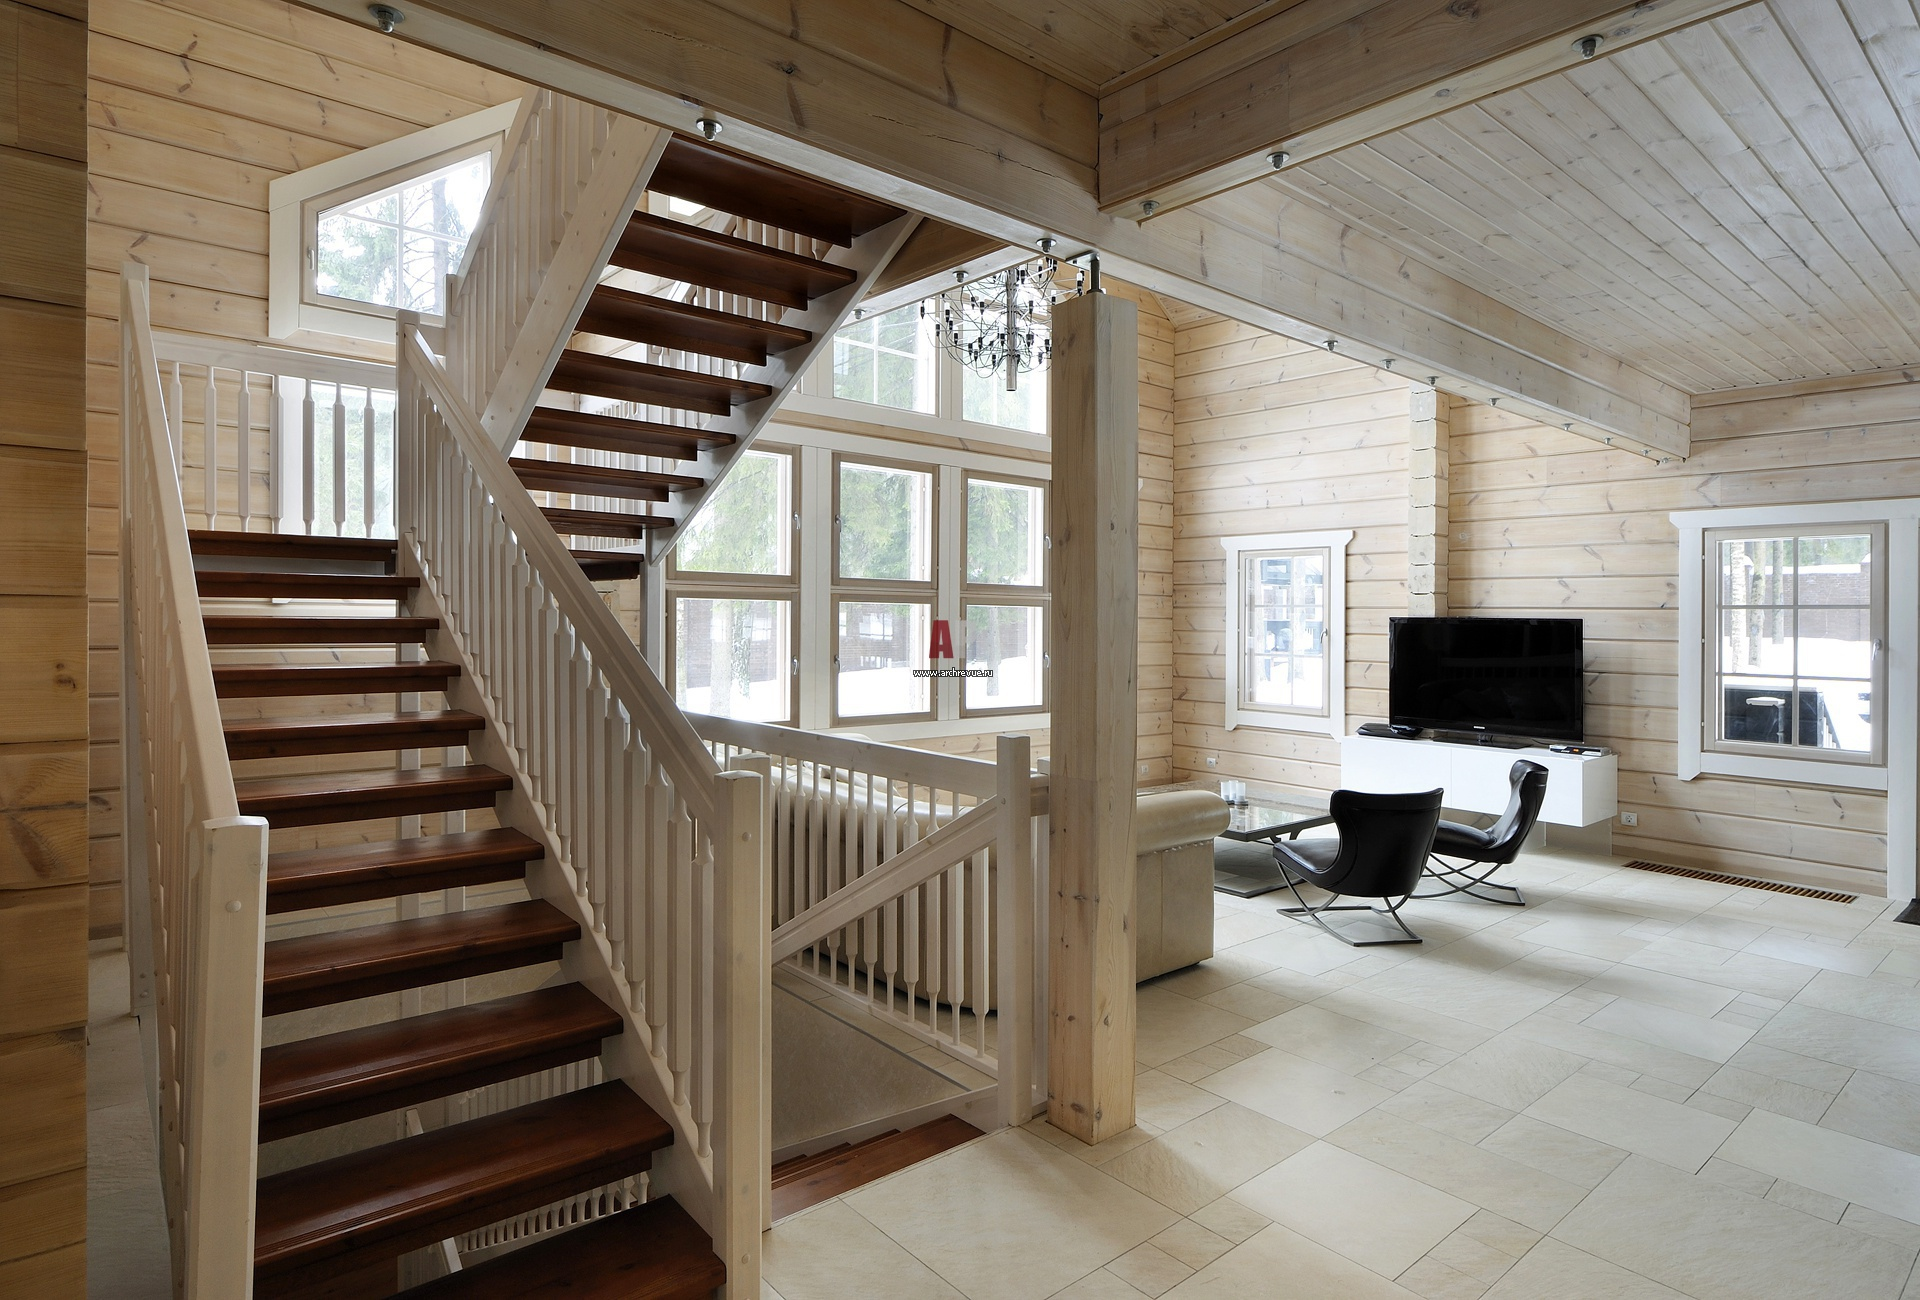 Отделка деревянного дома внутри фото второй этаж фотографий колоритных